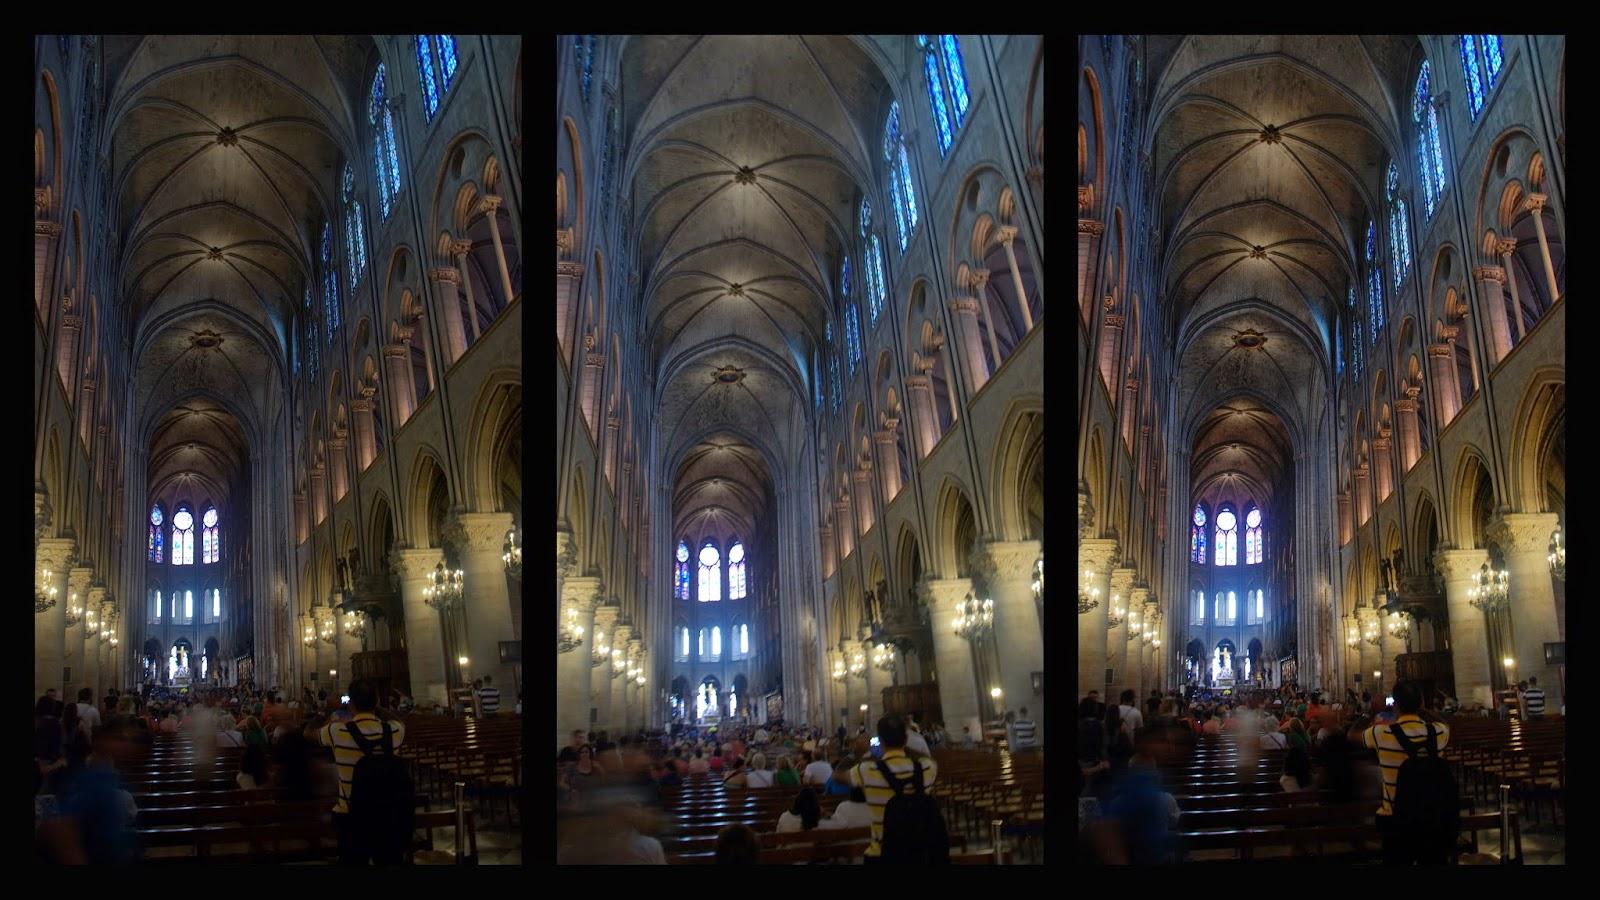 Nave central de la Catedral de Notre Dame, París